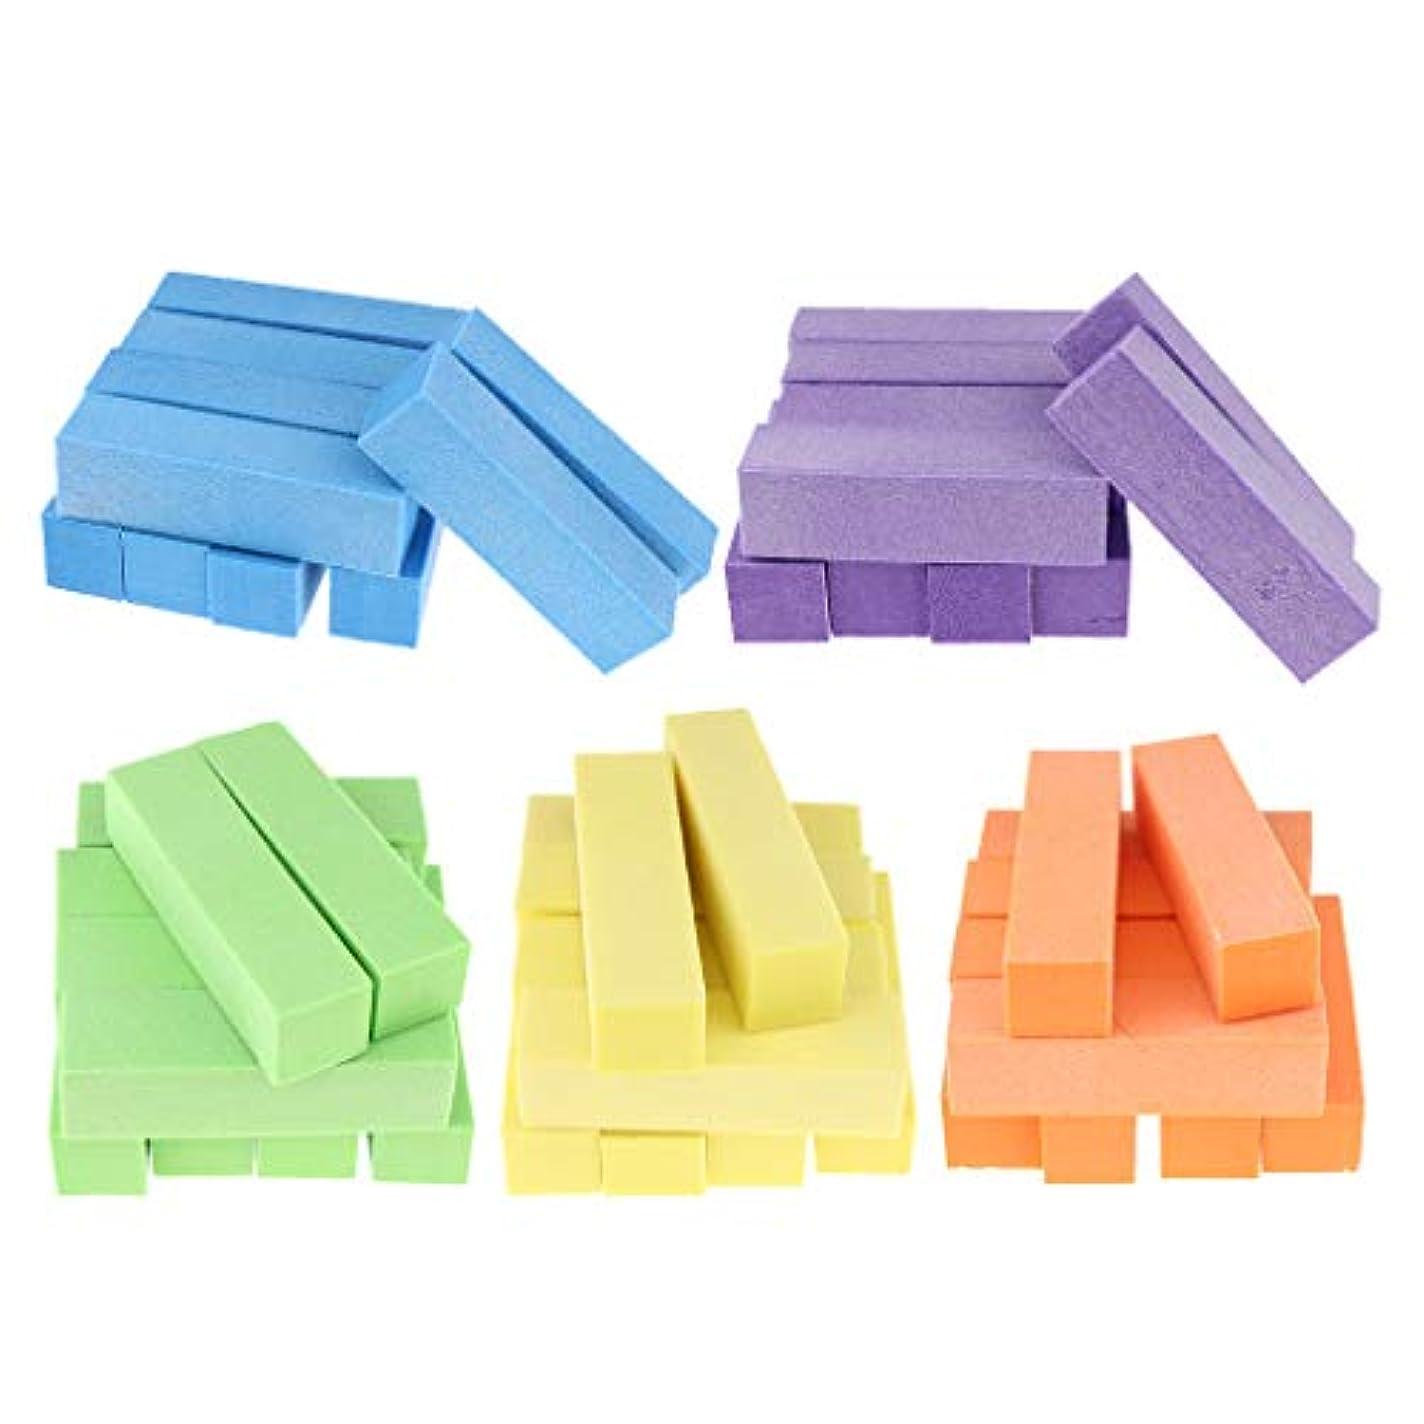 クスクスシンボル好意的Toygogo 5色ネイルファイル4ウェイネイルポリッシングサンディングバフスポンジスポンジマニキュアバッファブロック(50個/個、10個/個)